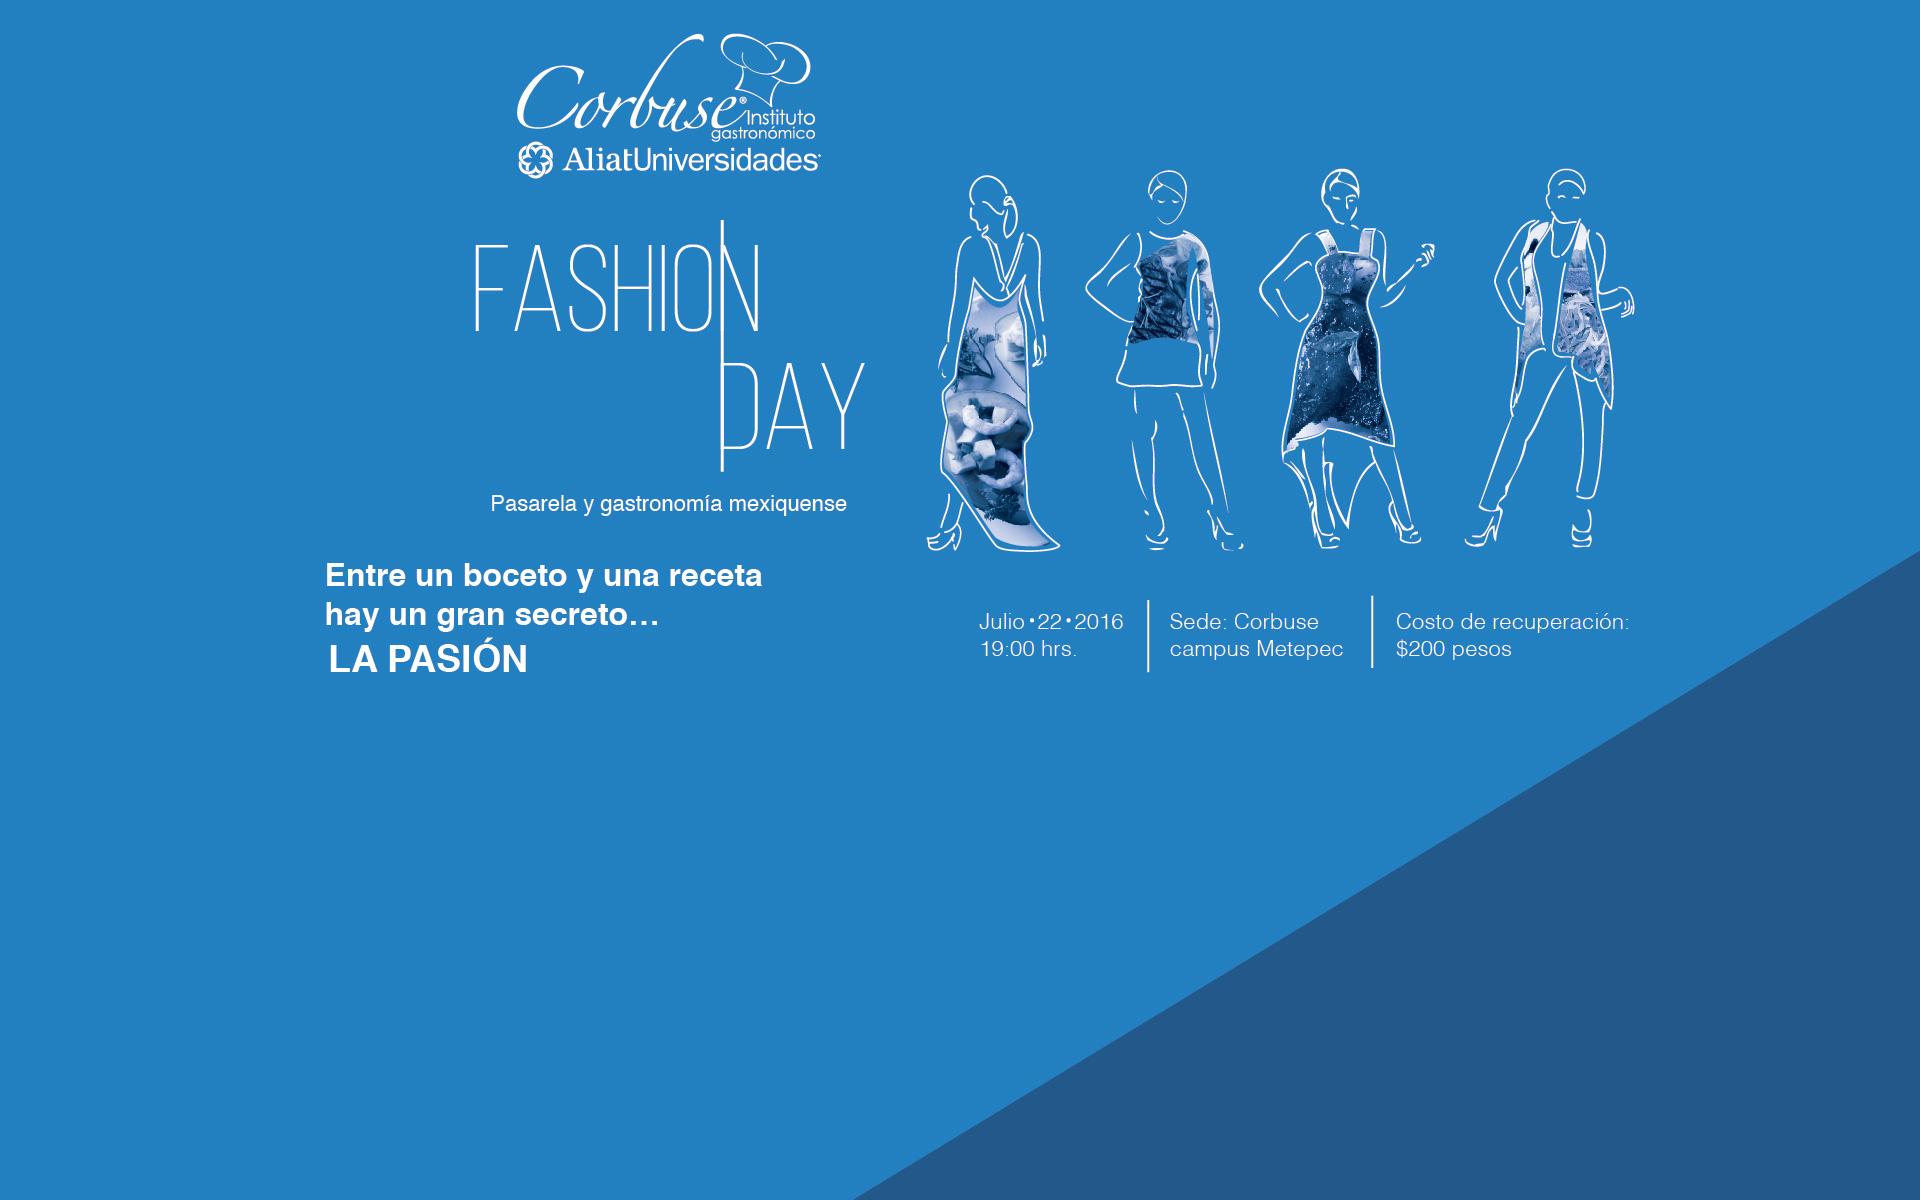 Fashion day banner